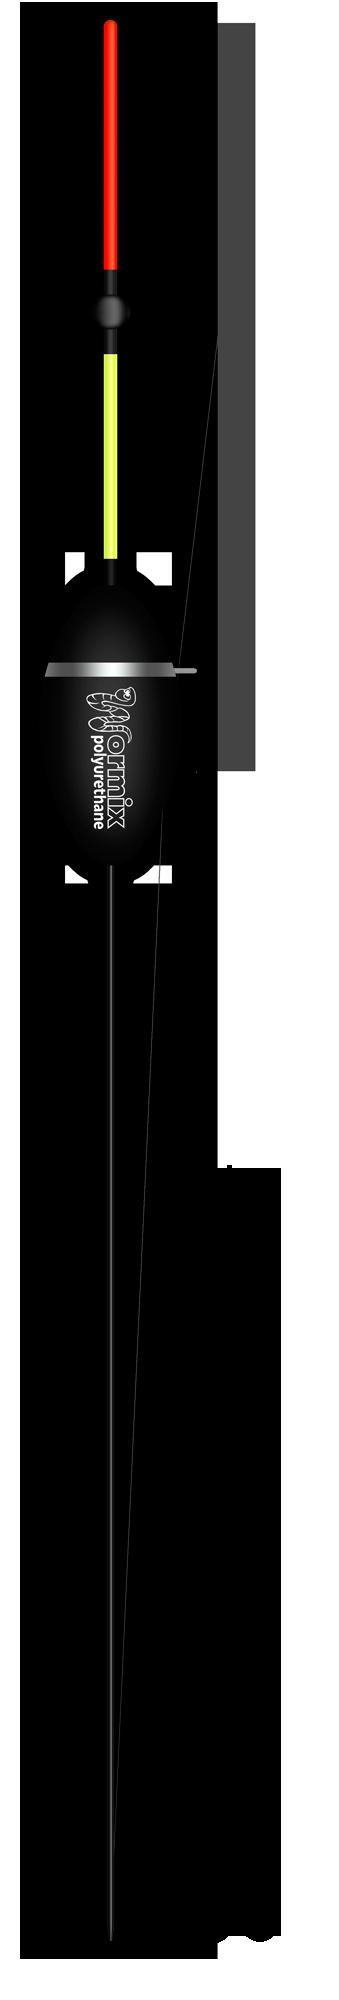 Поплавок Wormix полиуретановый 808 - 5 гр